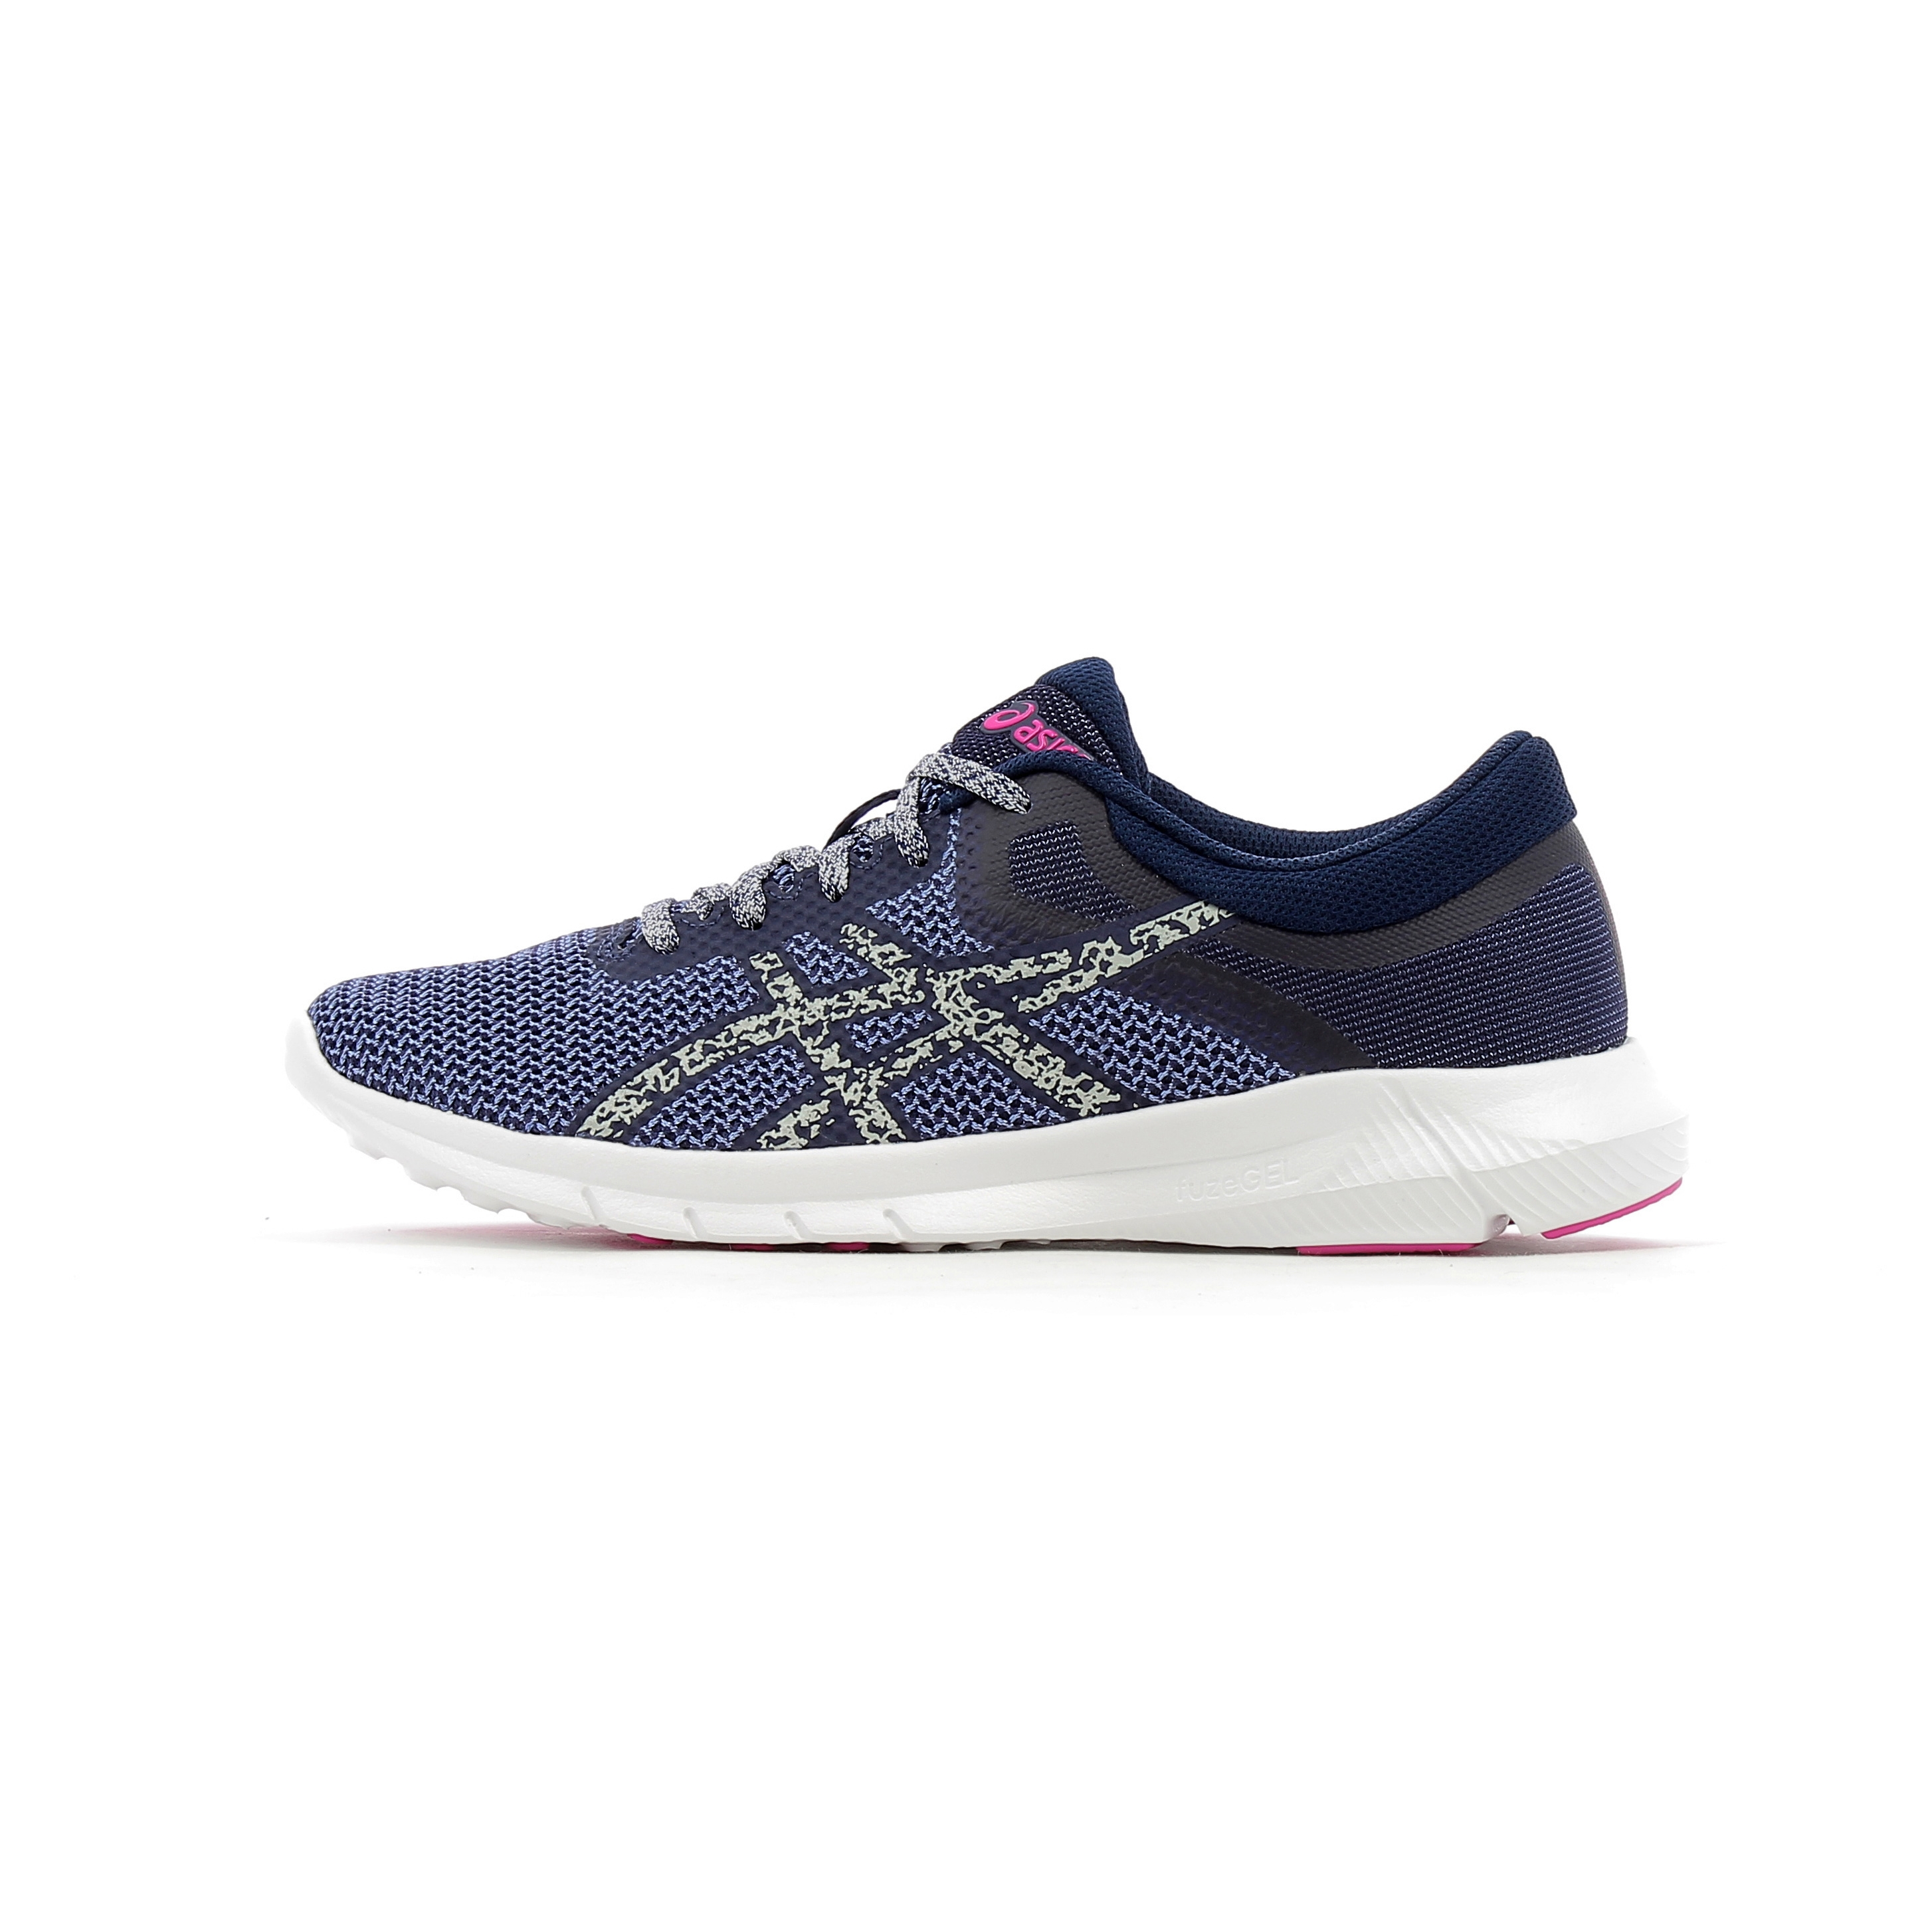 f2dfcaddd369 Chaussure de Running Asics Nitrofuze 2